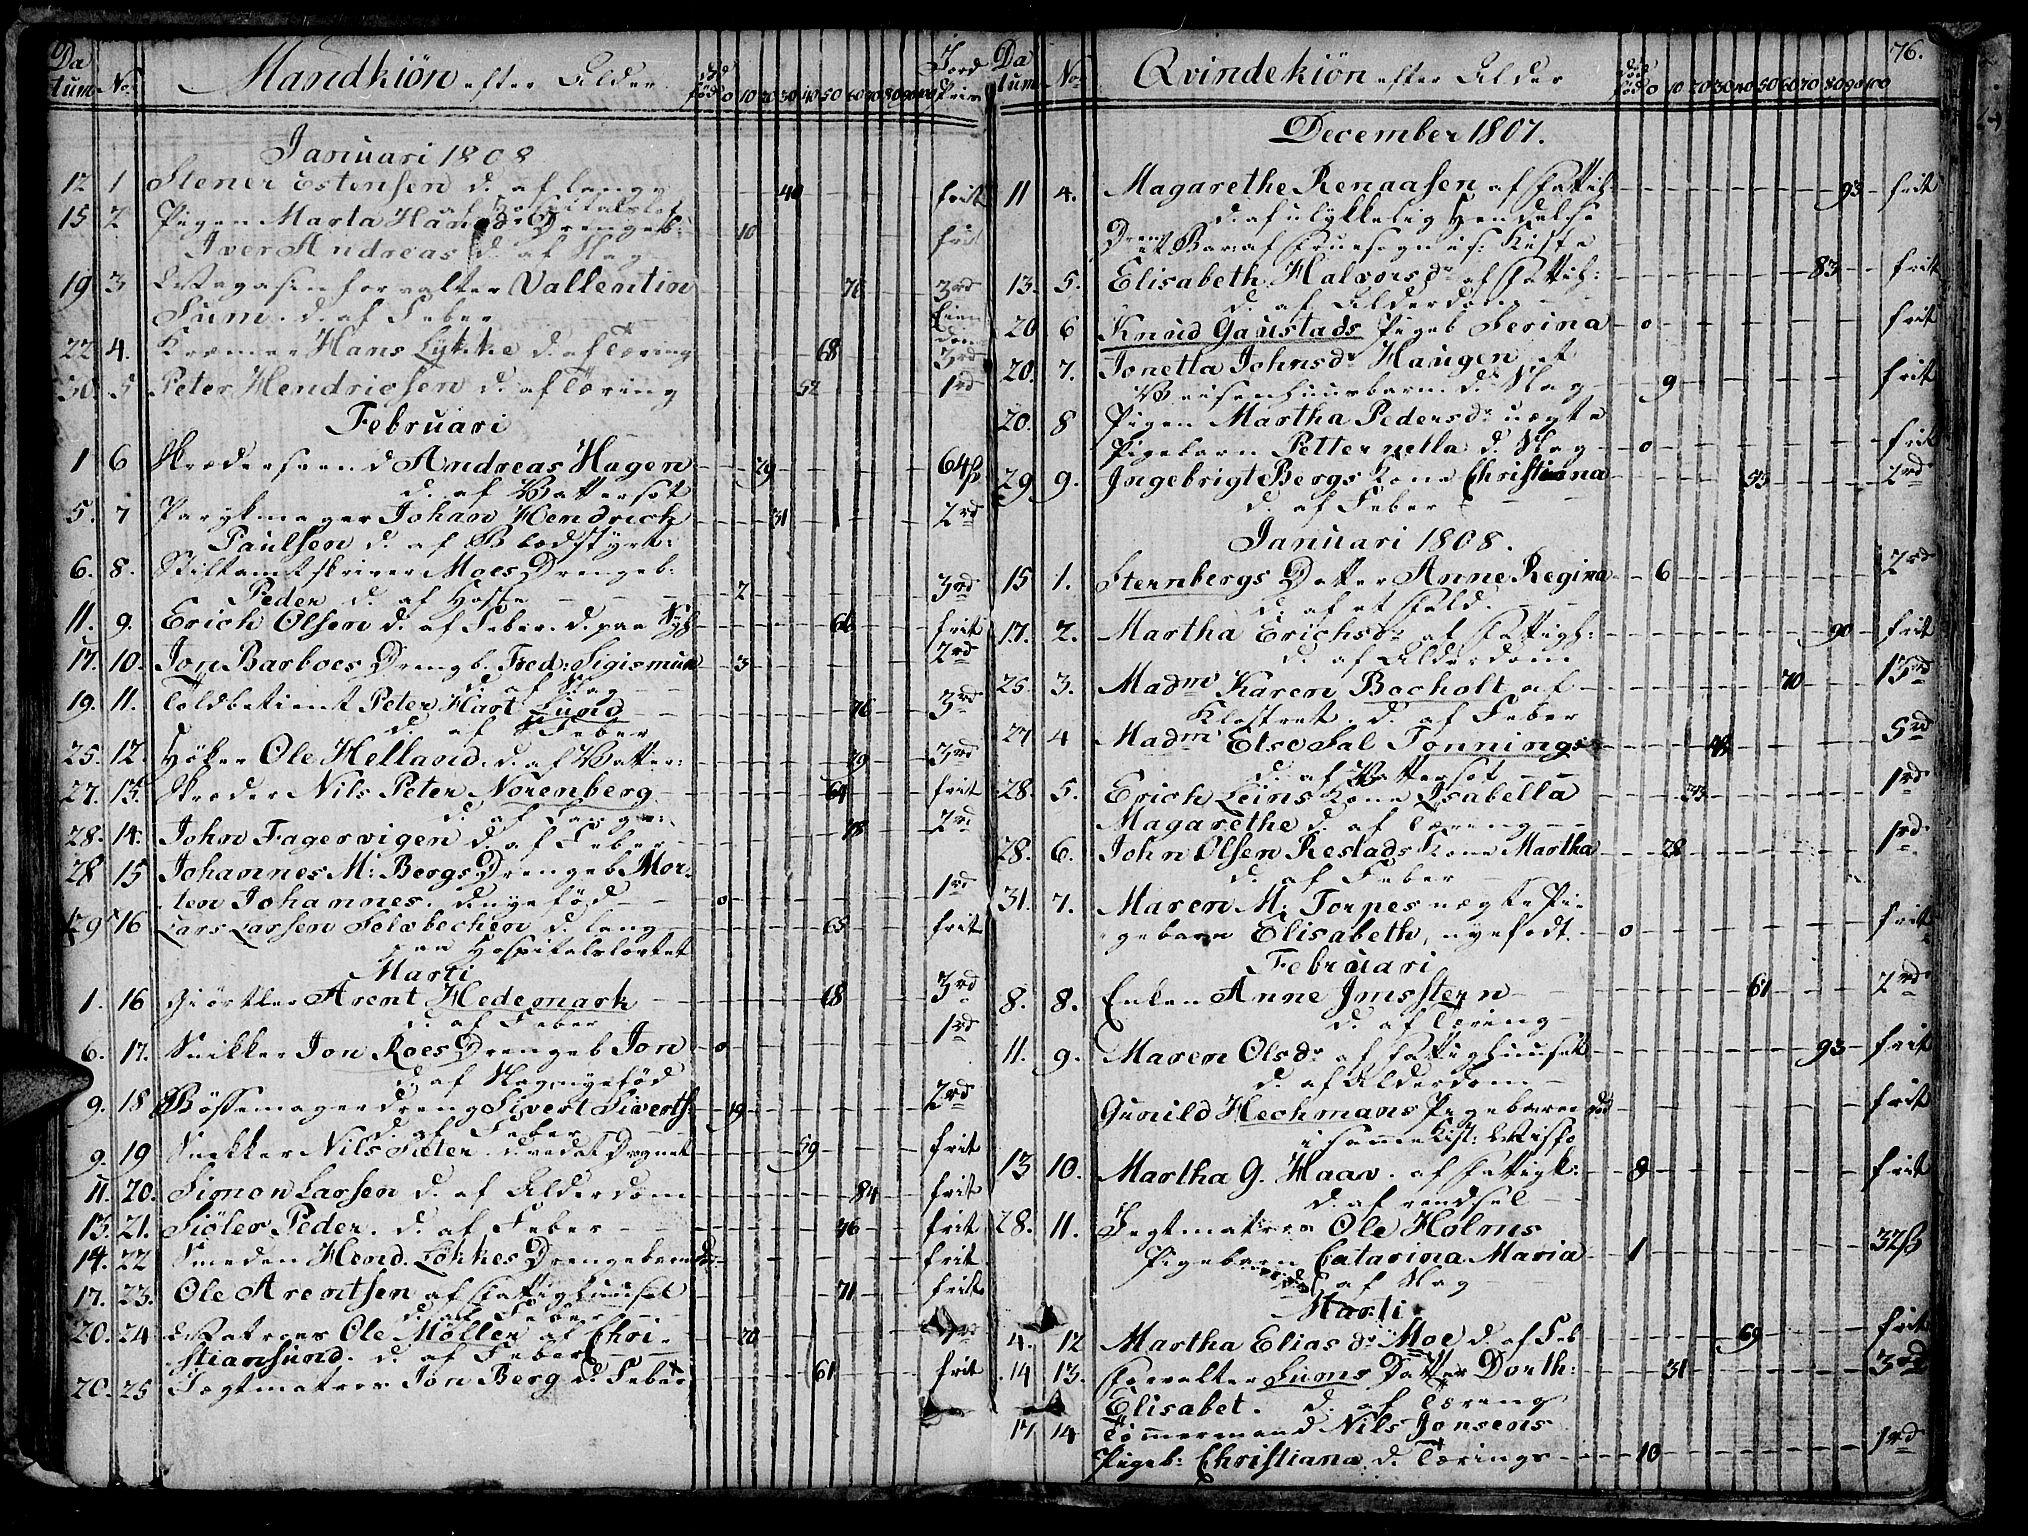 SAT, Ministerialprotokoller, klokkerbøker og fødselsregistre - Sør-Trøndelag, 601/L0040: Ministerialbok nr. 601A08, 1783-1818, s. 76